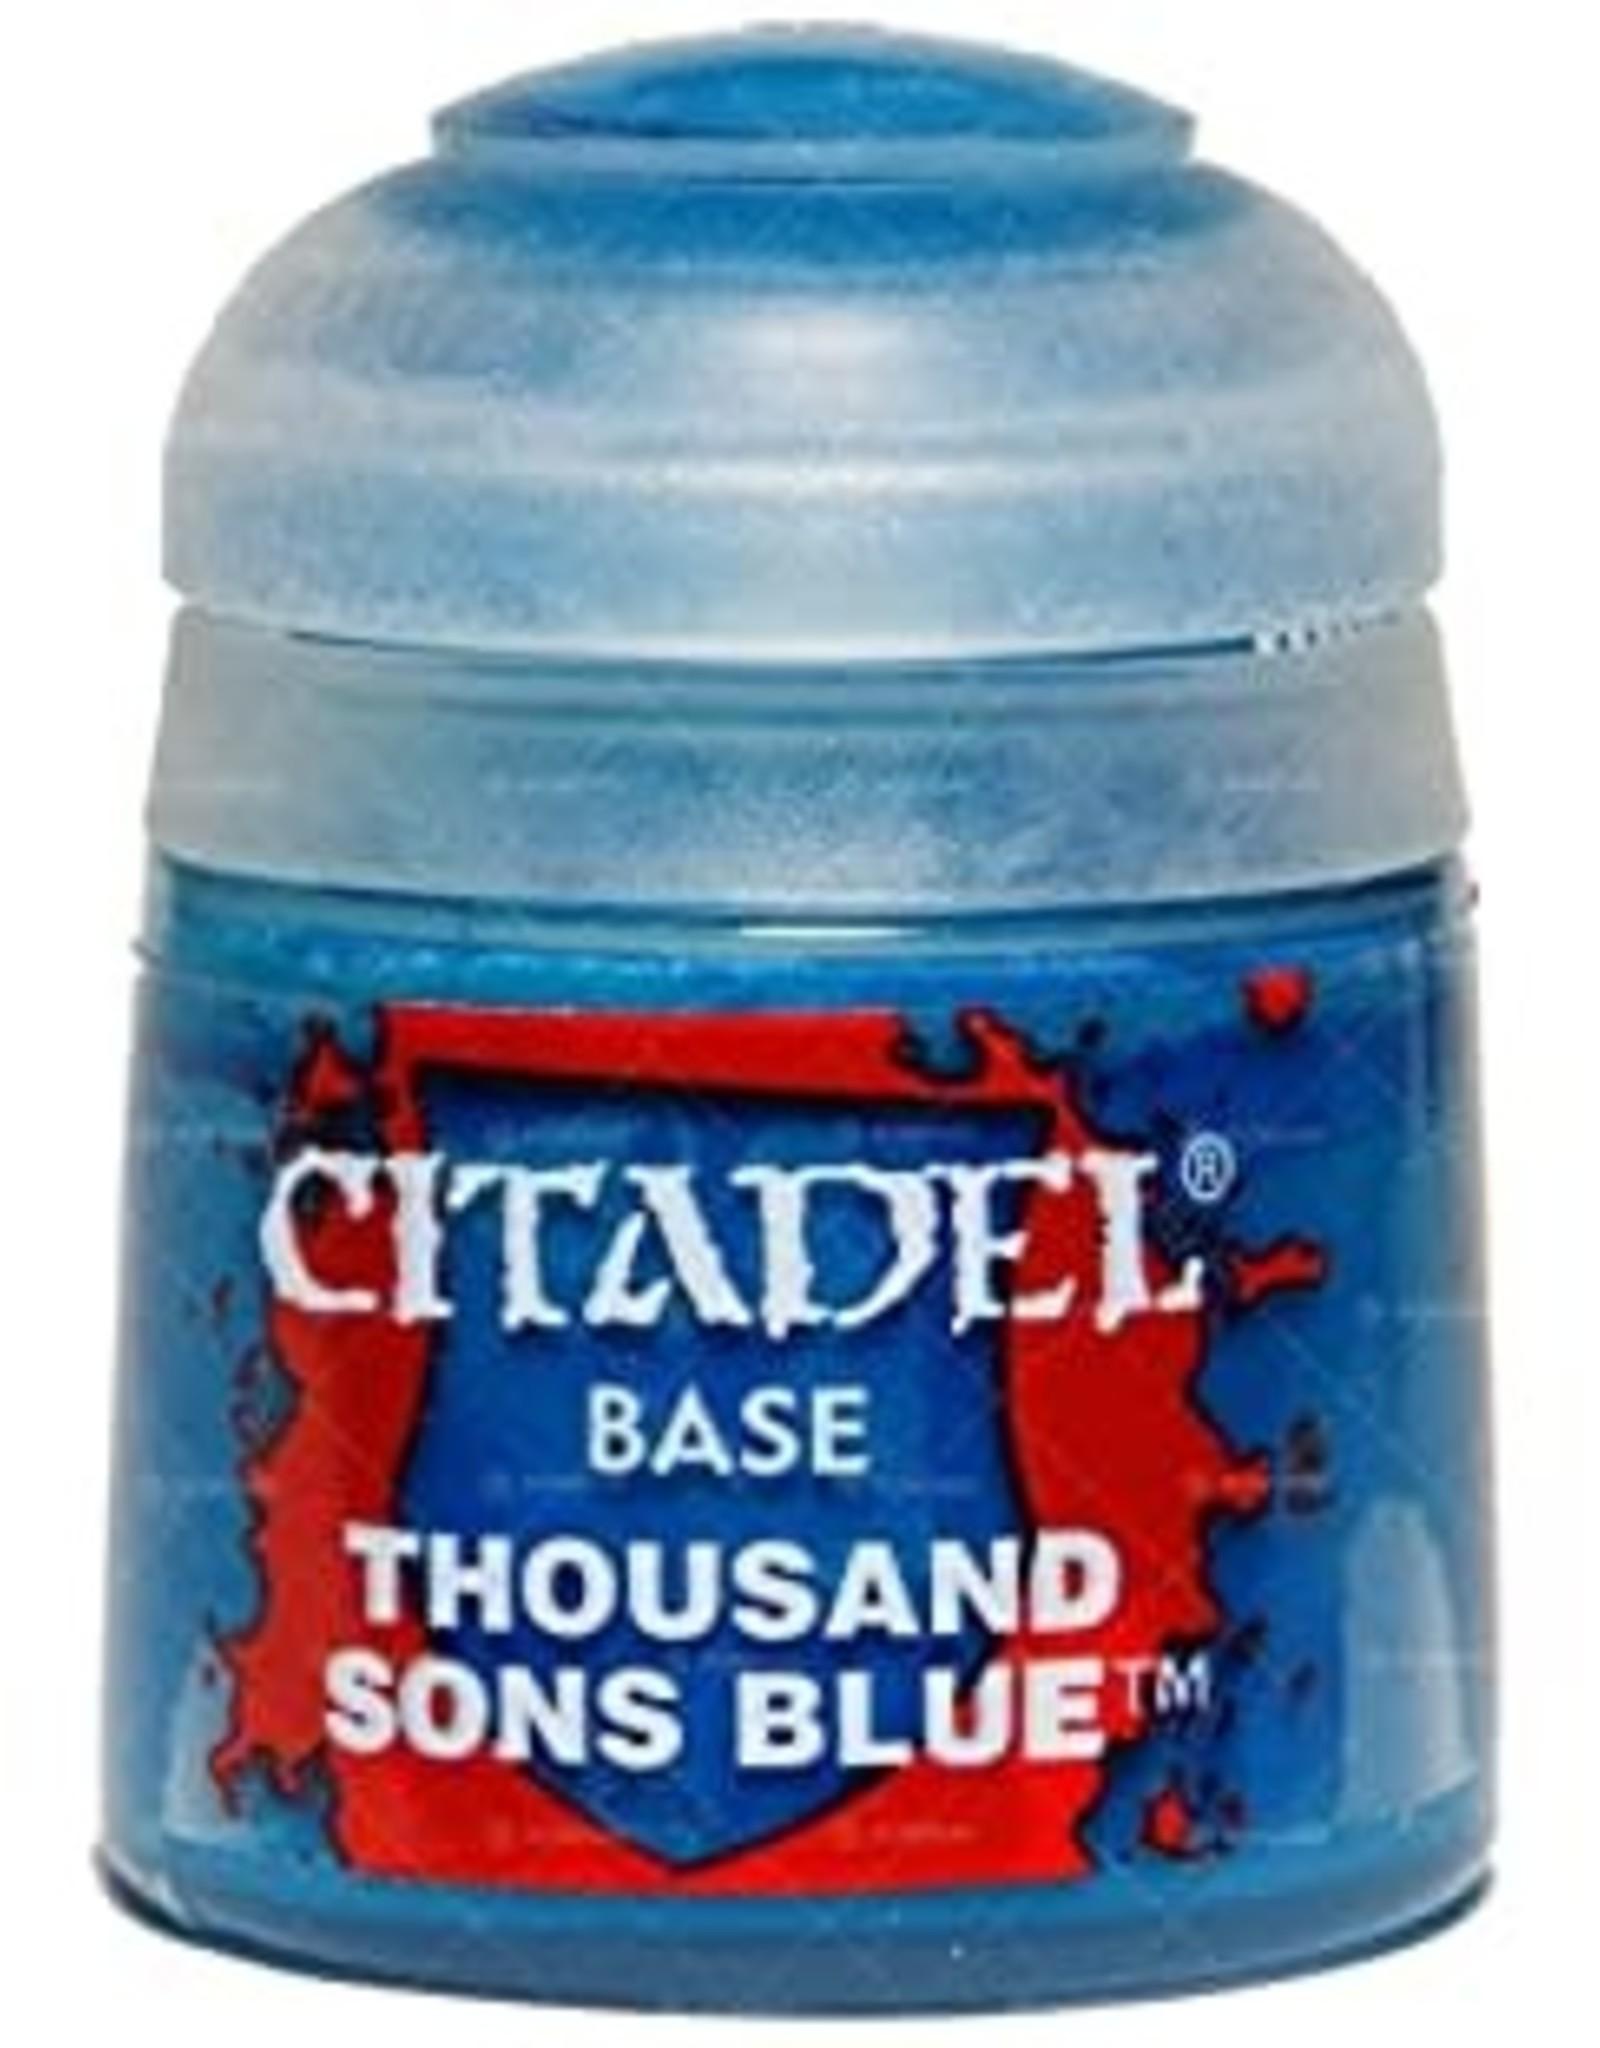 Games Workshop Citadel Paint: Base - Thousand Sons Blue 12ml